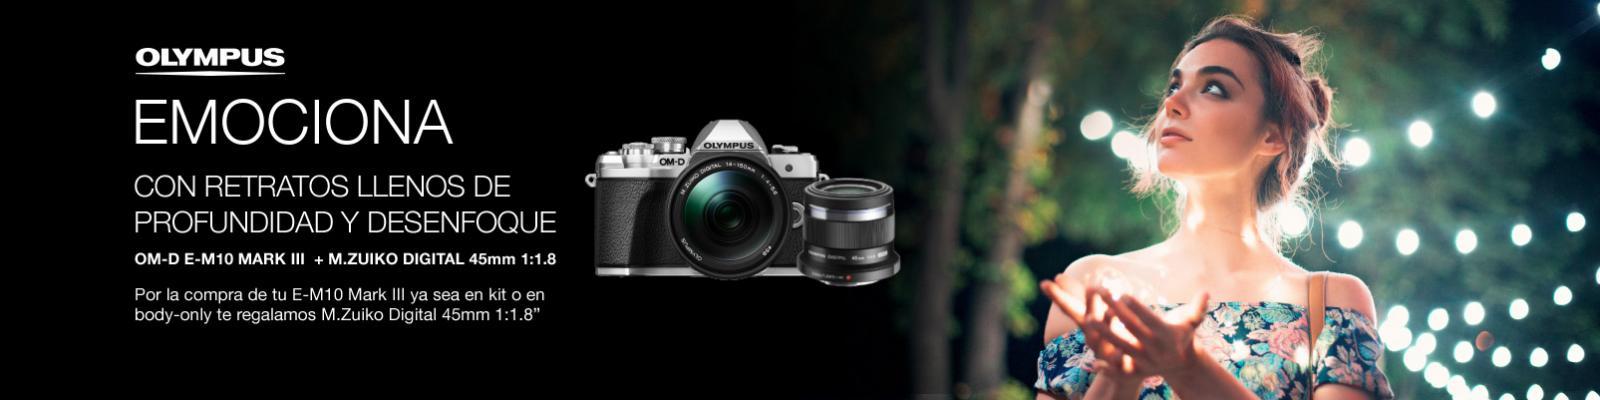 Aprovéchate de un M.Zuiko Digital 45mm f1.8 de regalo